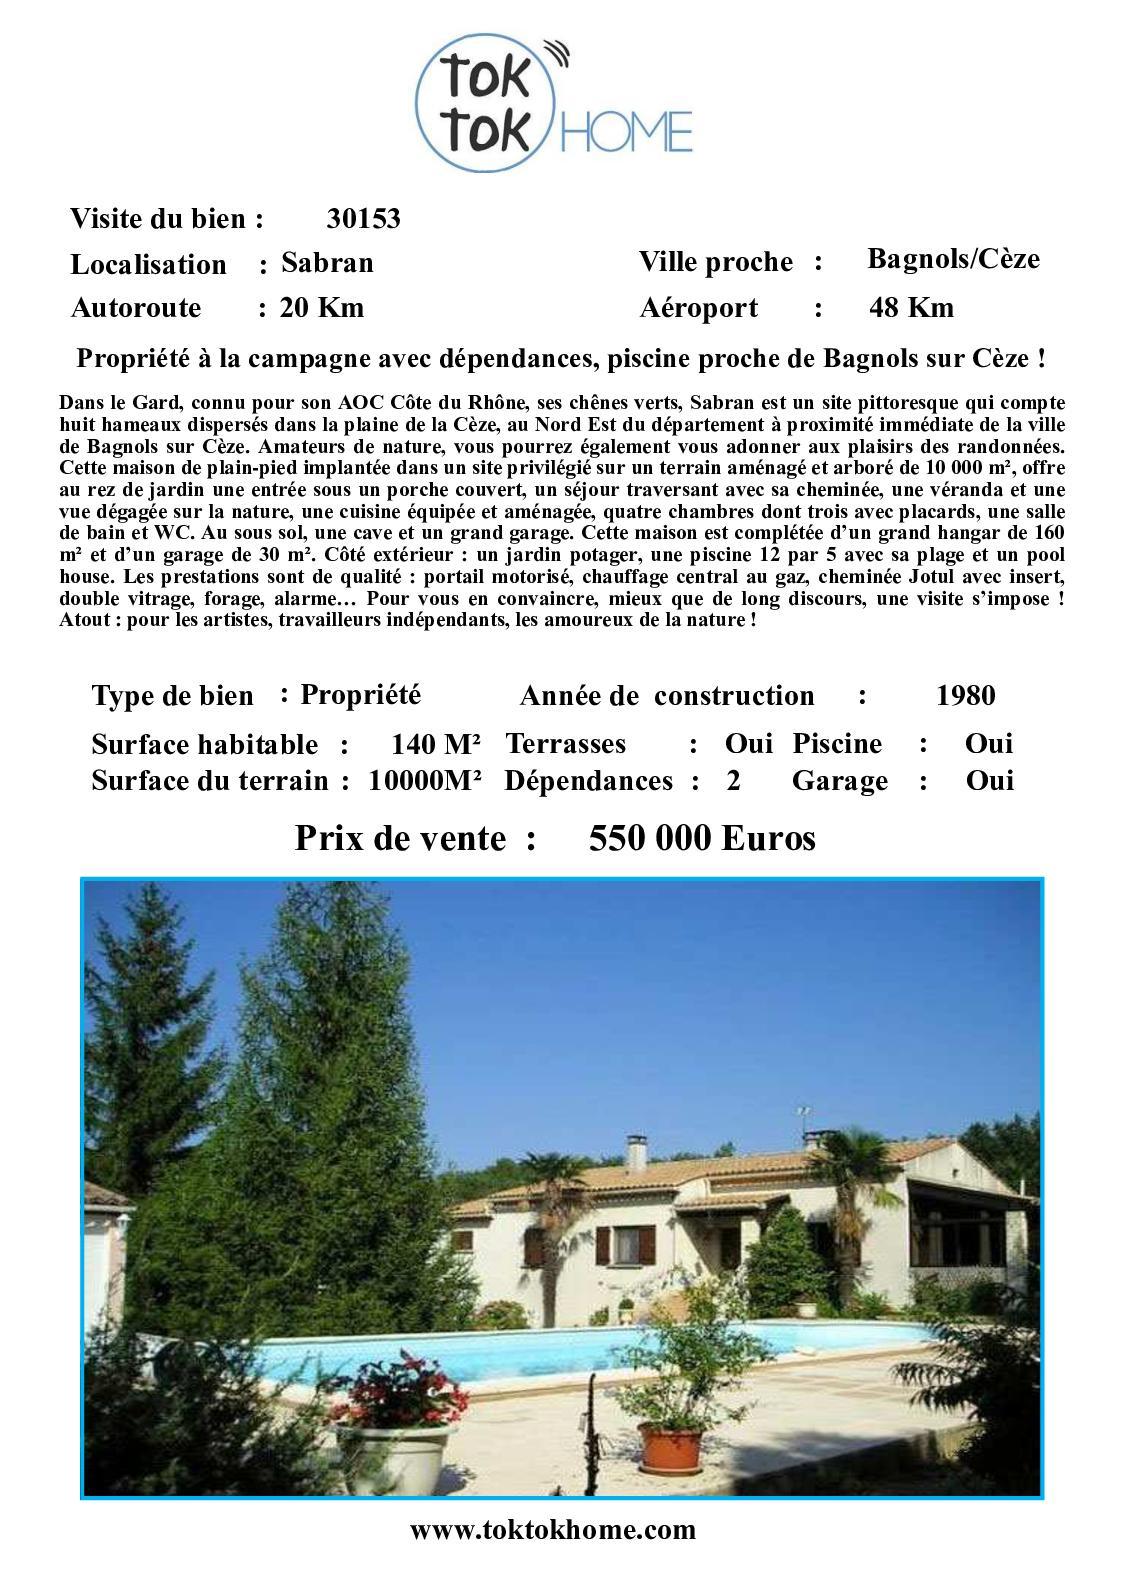 Construction Piscine Bagnols Sur Ceze calaméo - 30153 - propriete campagne dependances piscine